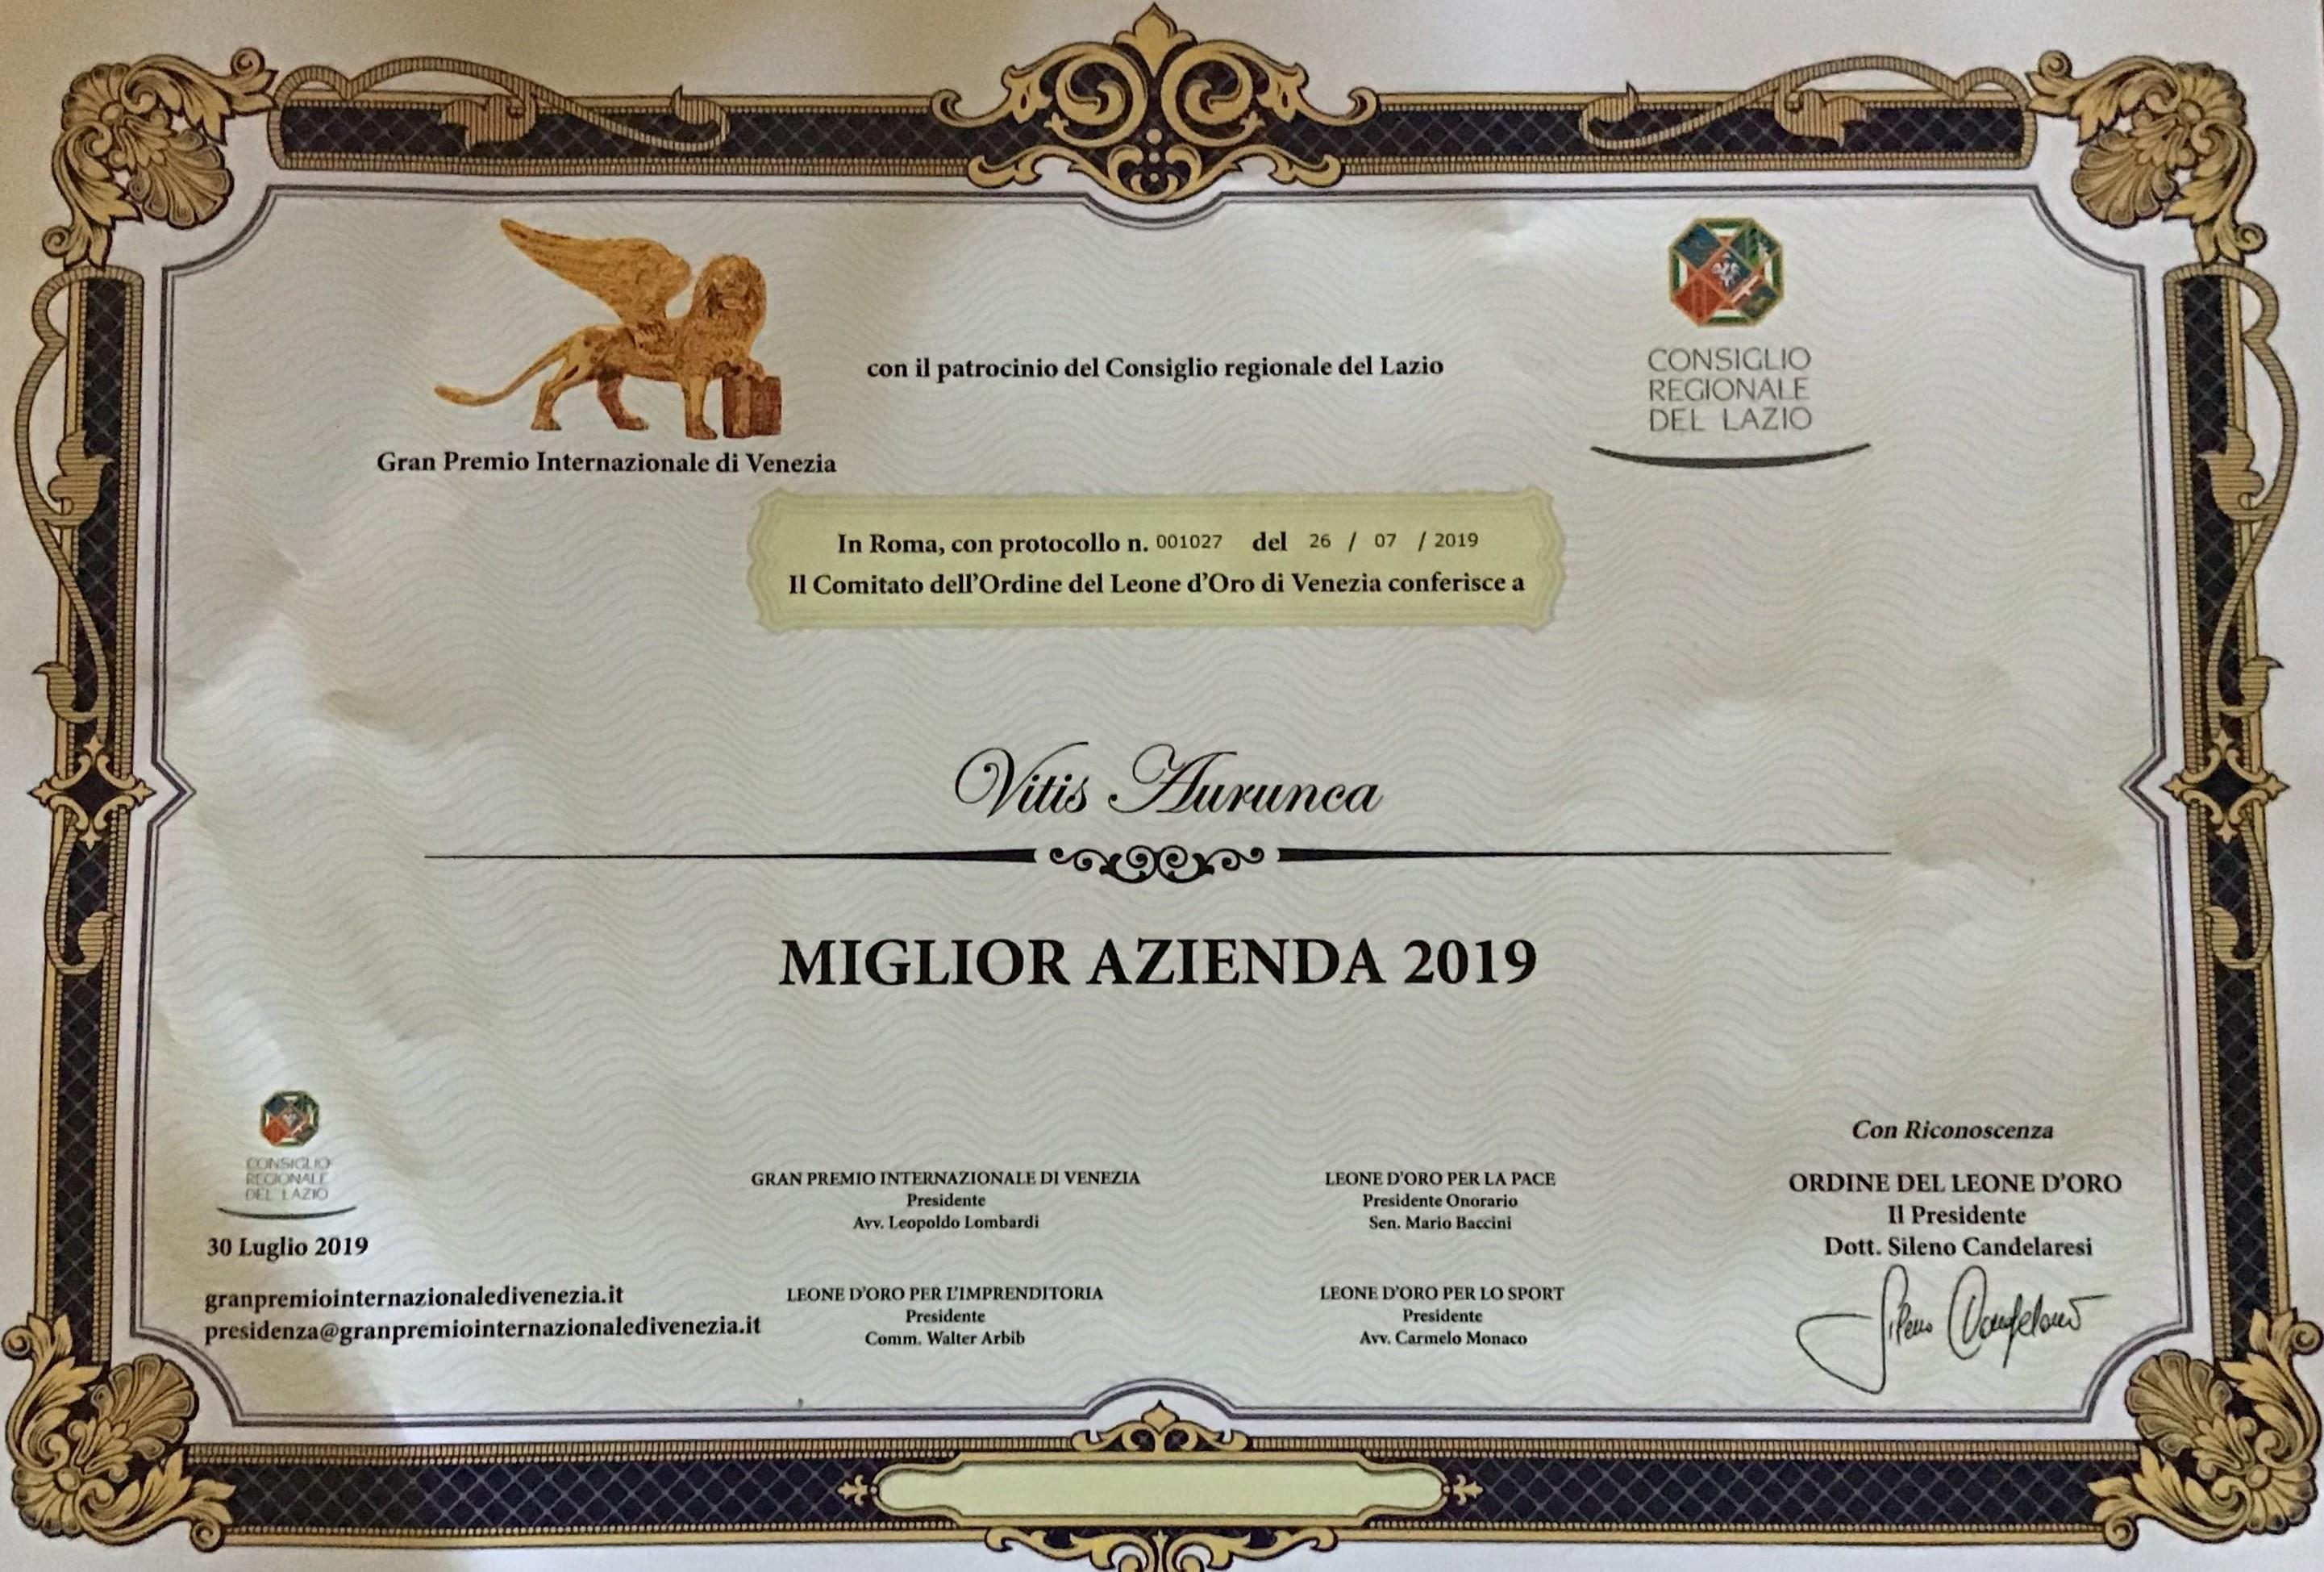 migliore-azienda-gran-premio-internazione-di-venezia